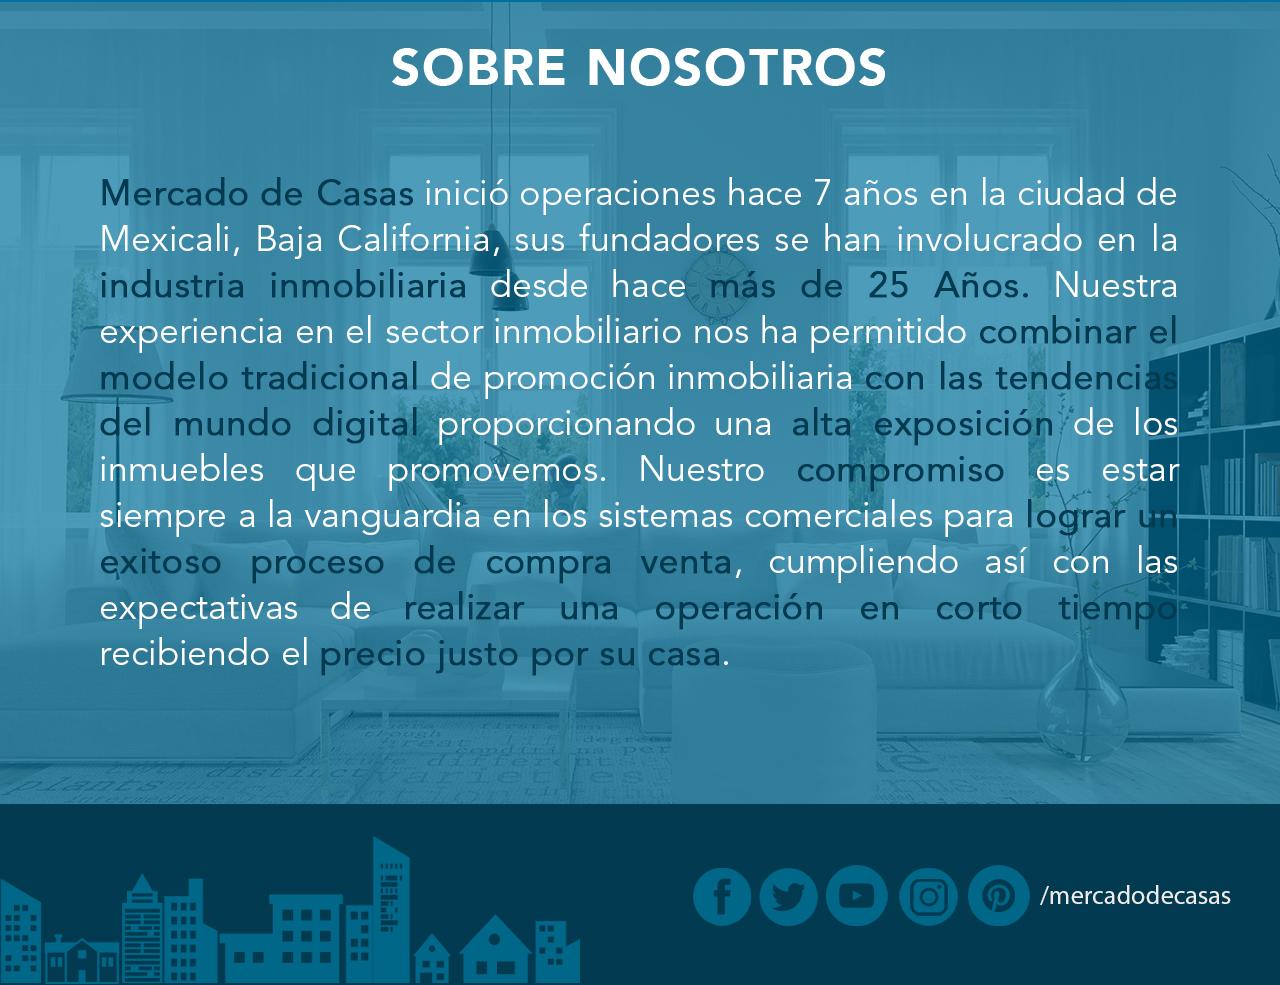 Mercado_de_Casas.jpg